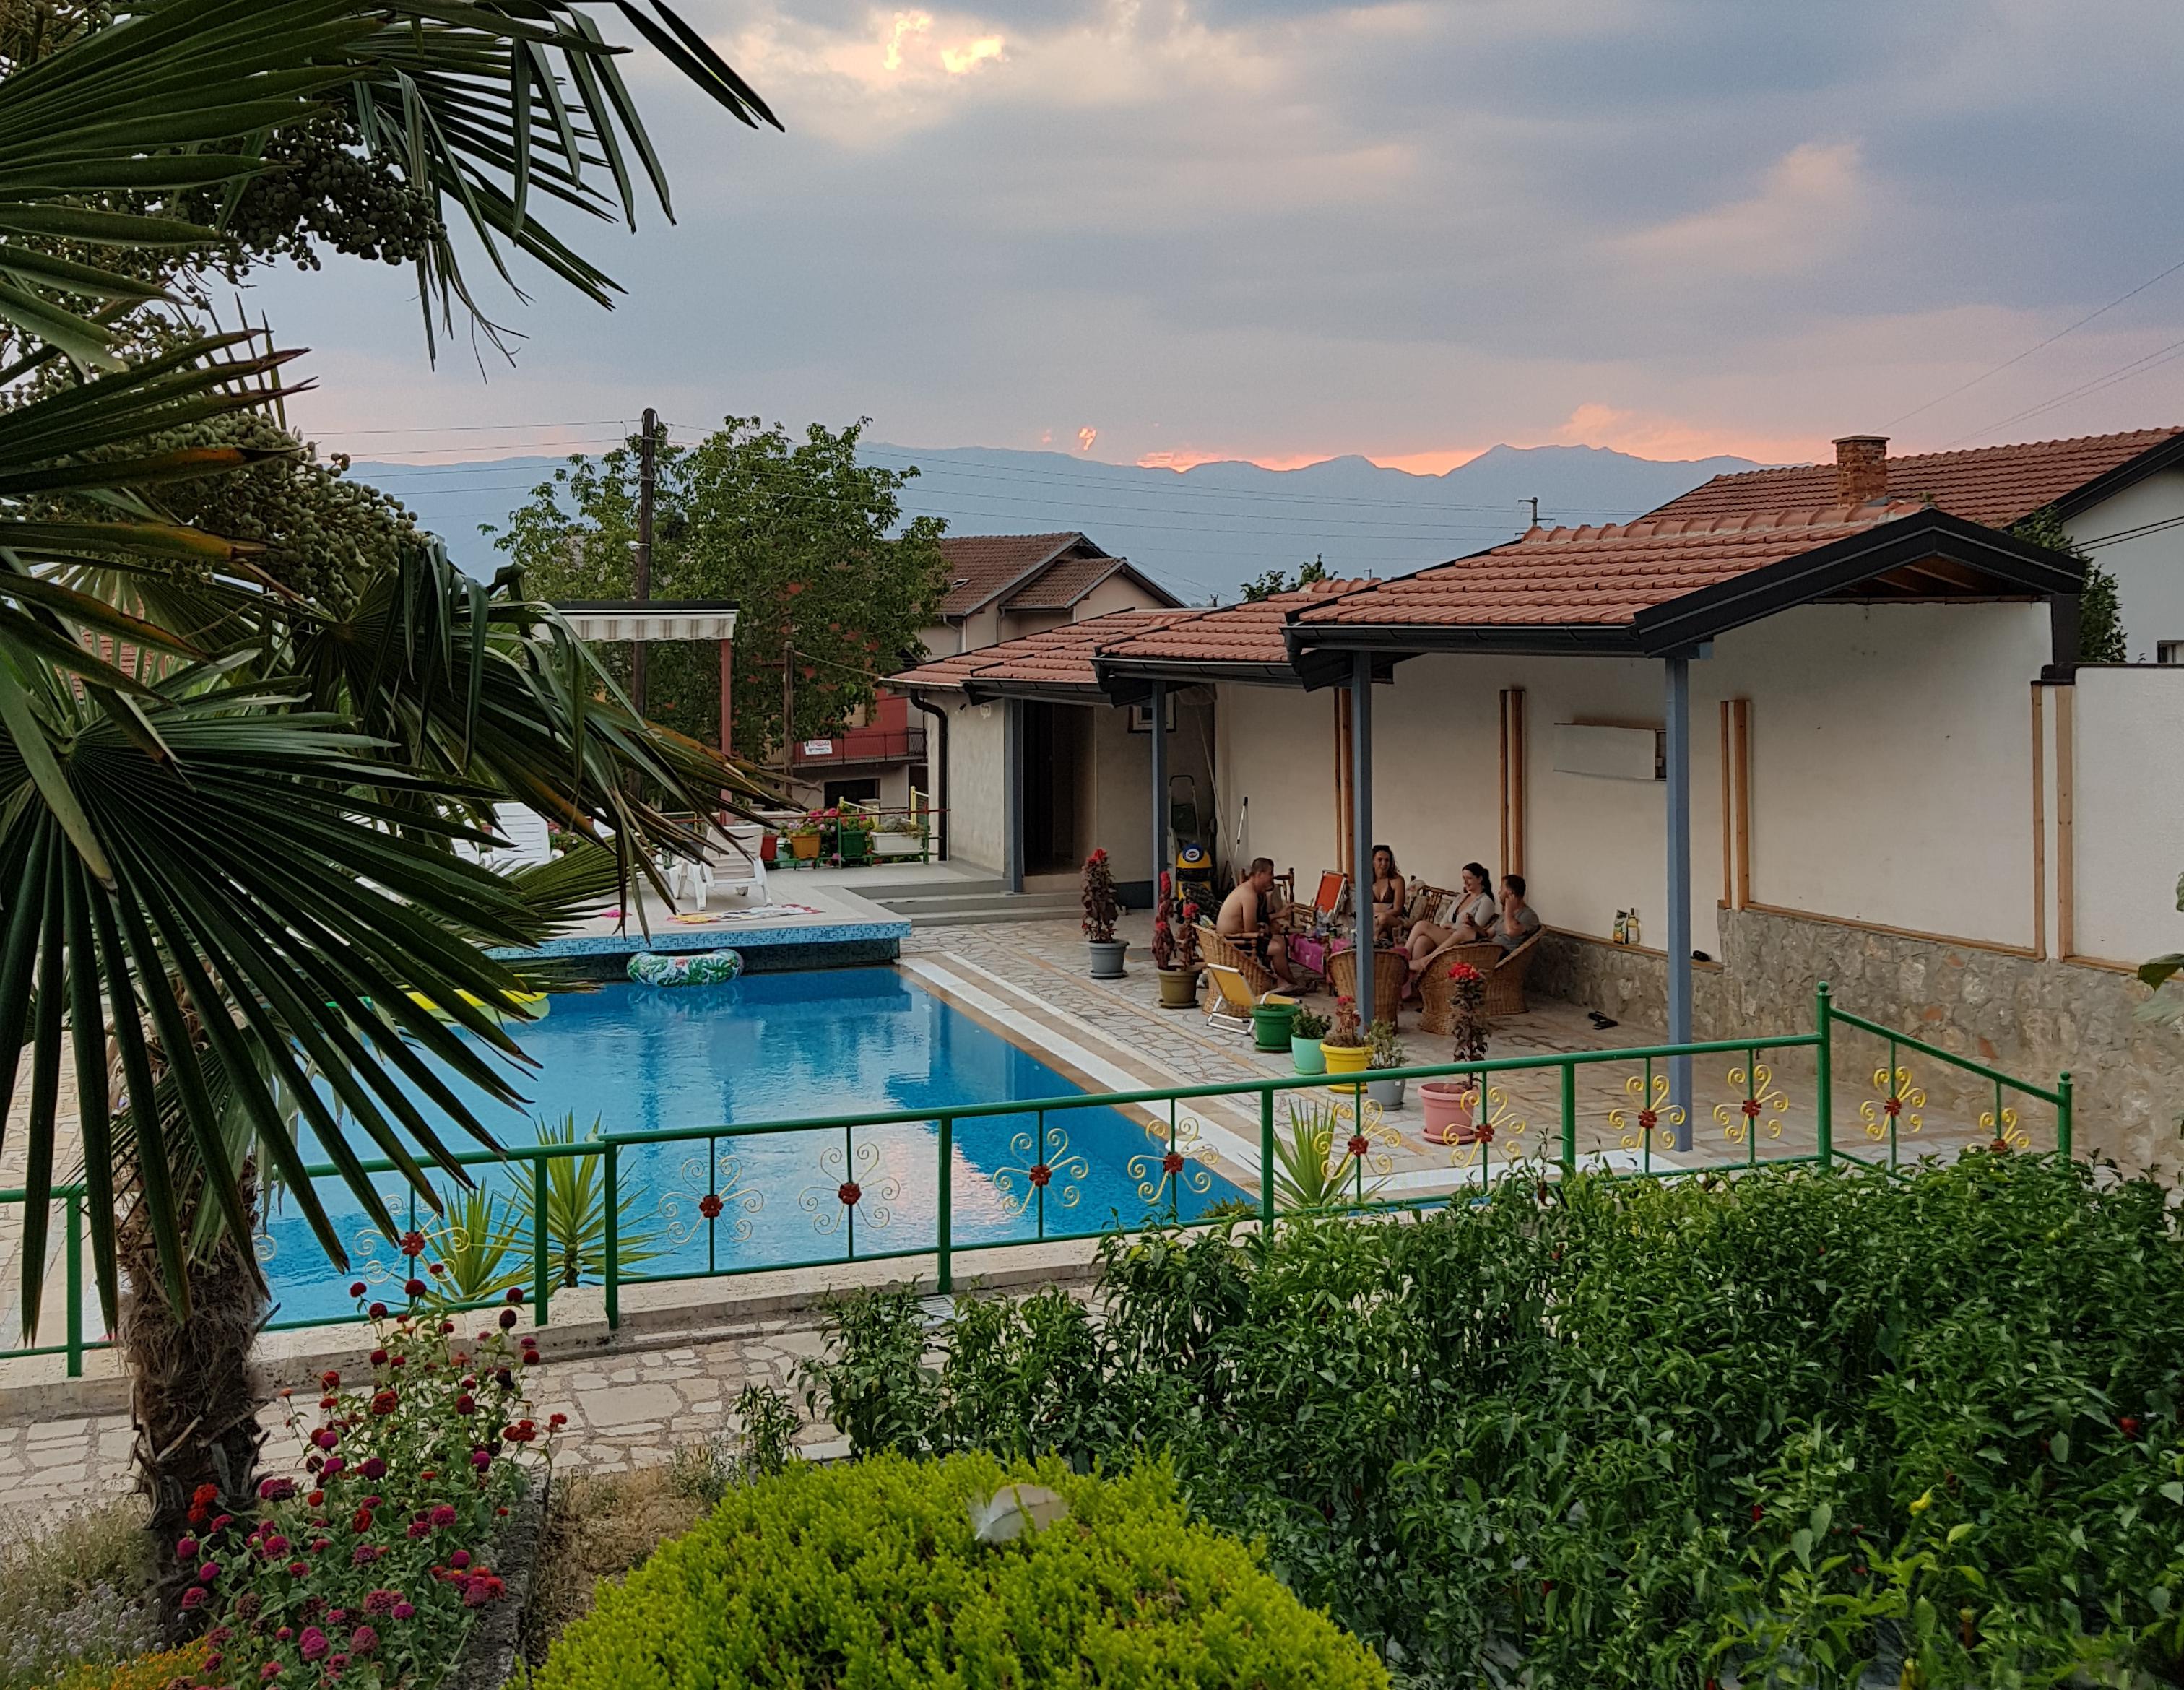 Jak zorganizować ślub za granicą | Vila Siva - sprawdzony nocleg blisko Ochrydy | Patrycja i Dawid Krajewscy w podróży | Ochryda Macedonia Północna